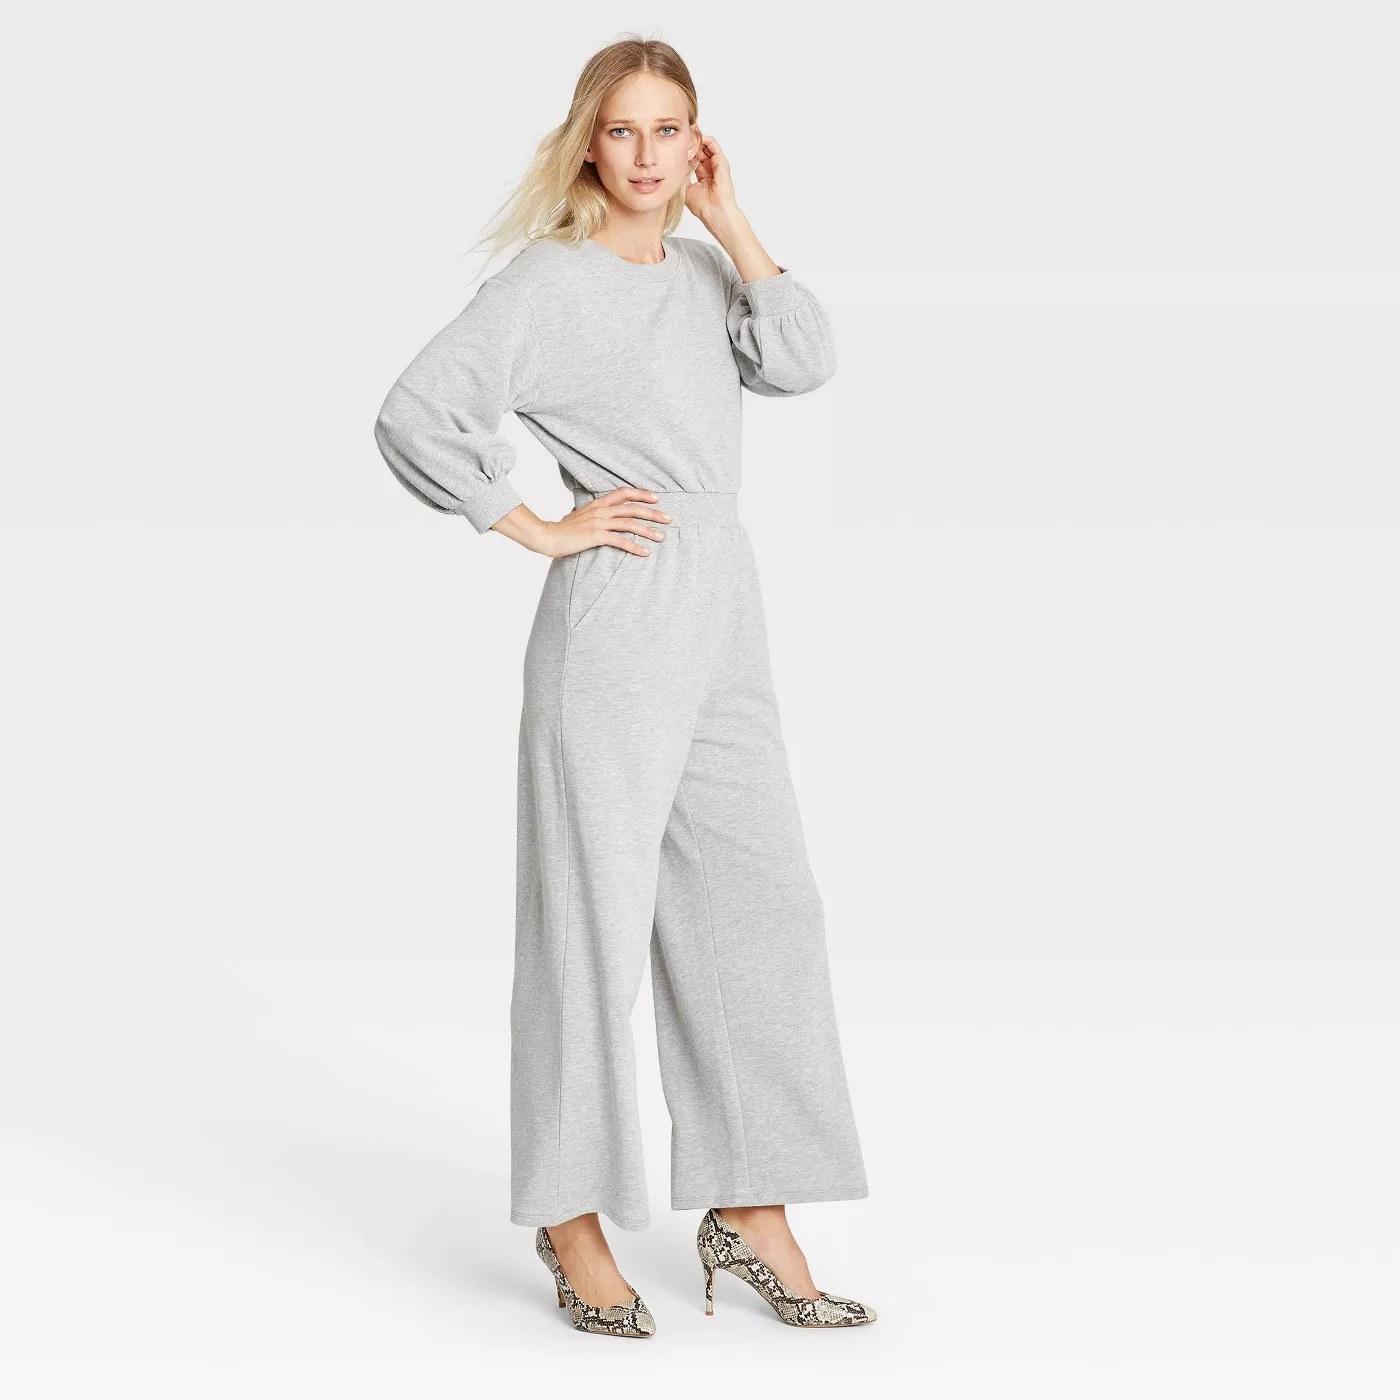 a model wears a grey long sleeve jumpsuit